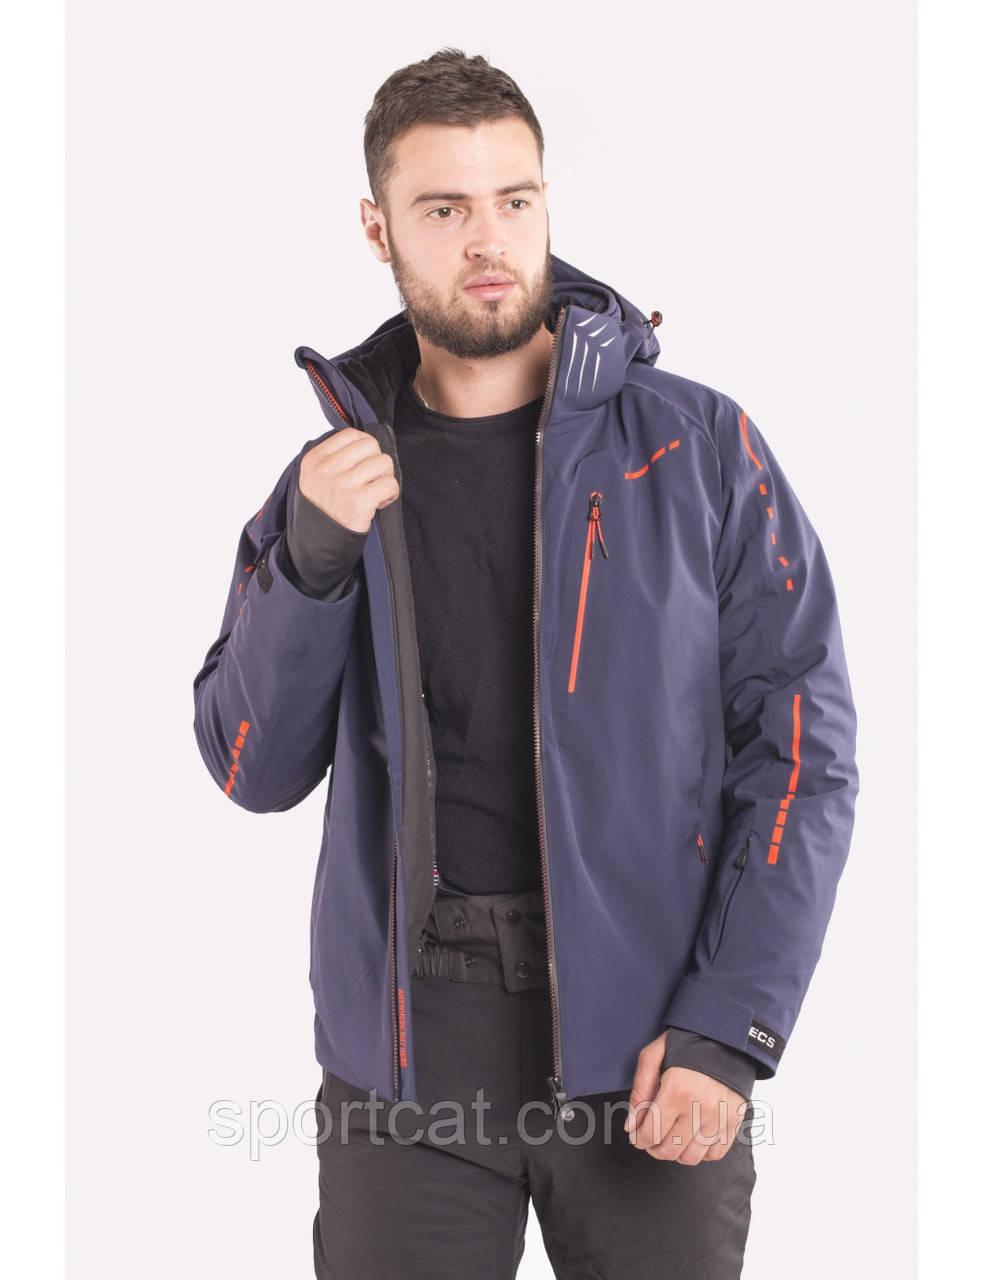 Мужская горнолыжная куртка Avecs, синий Р. 50, 52